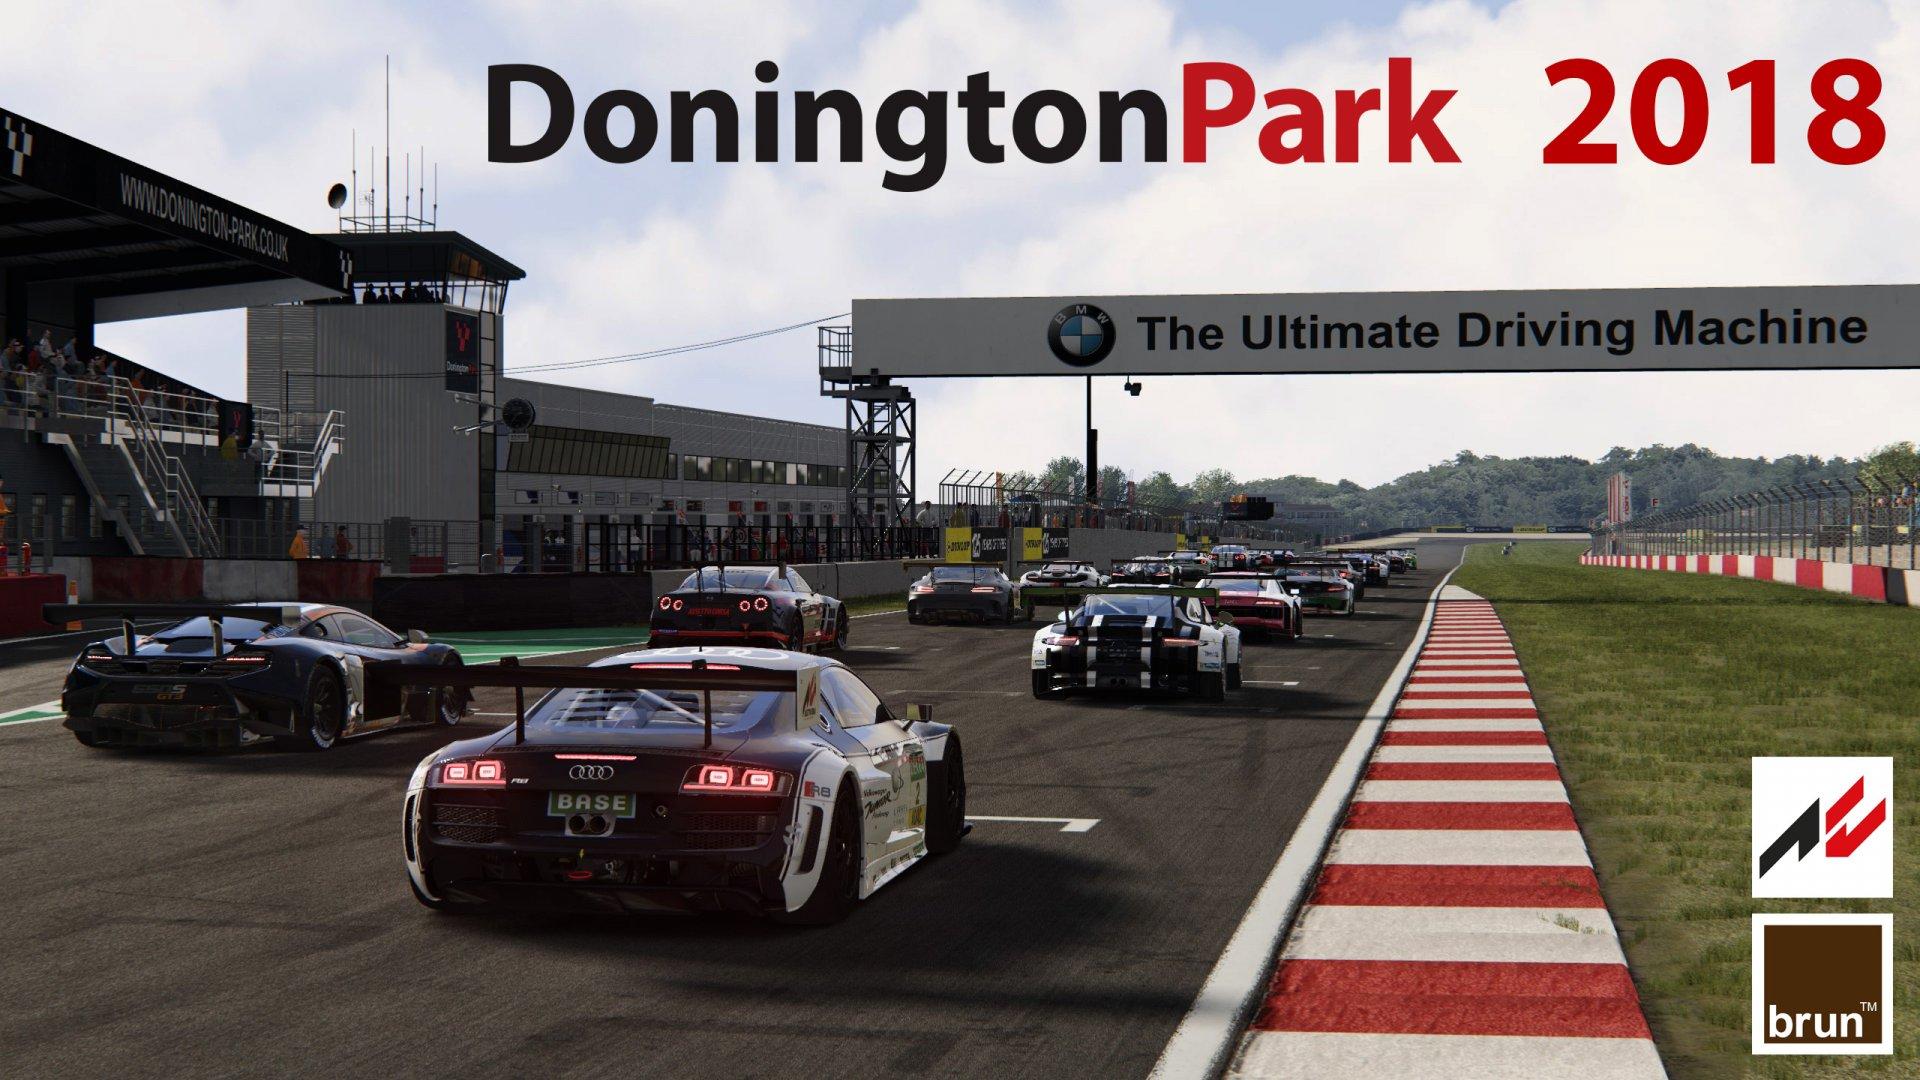 Donington2018_Splash.jpg